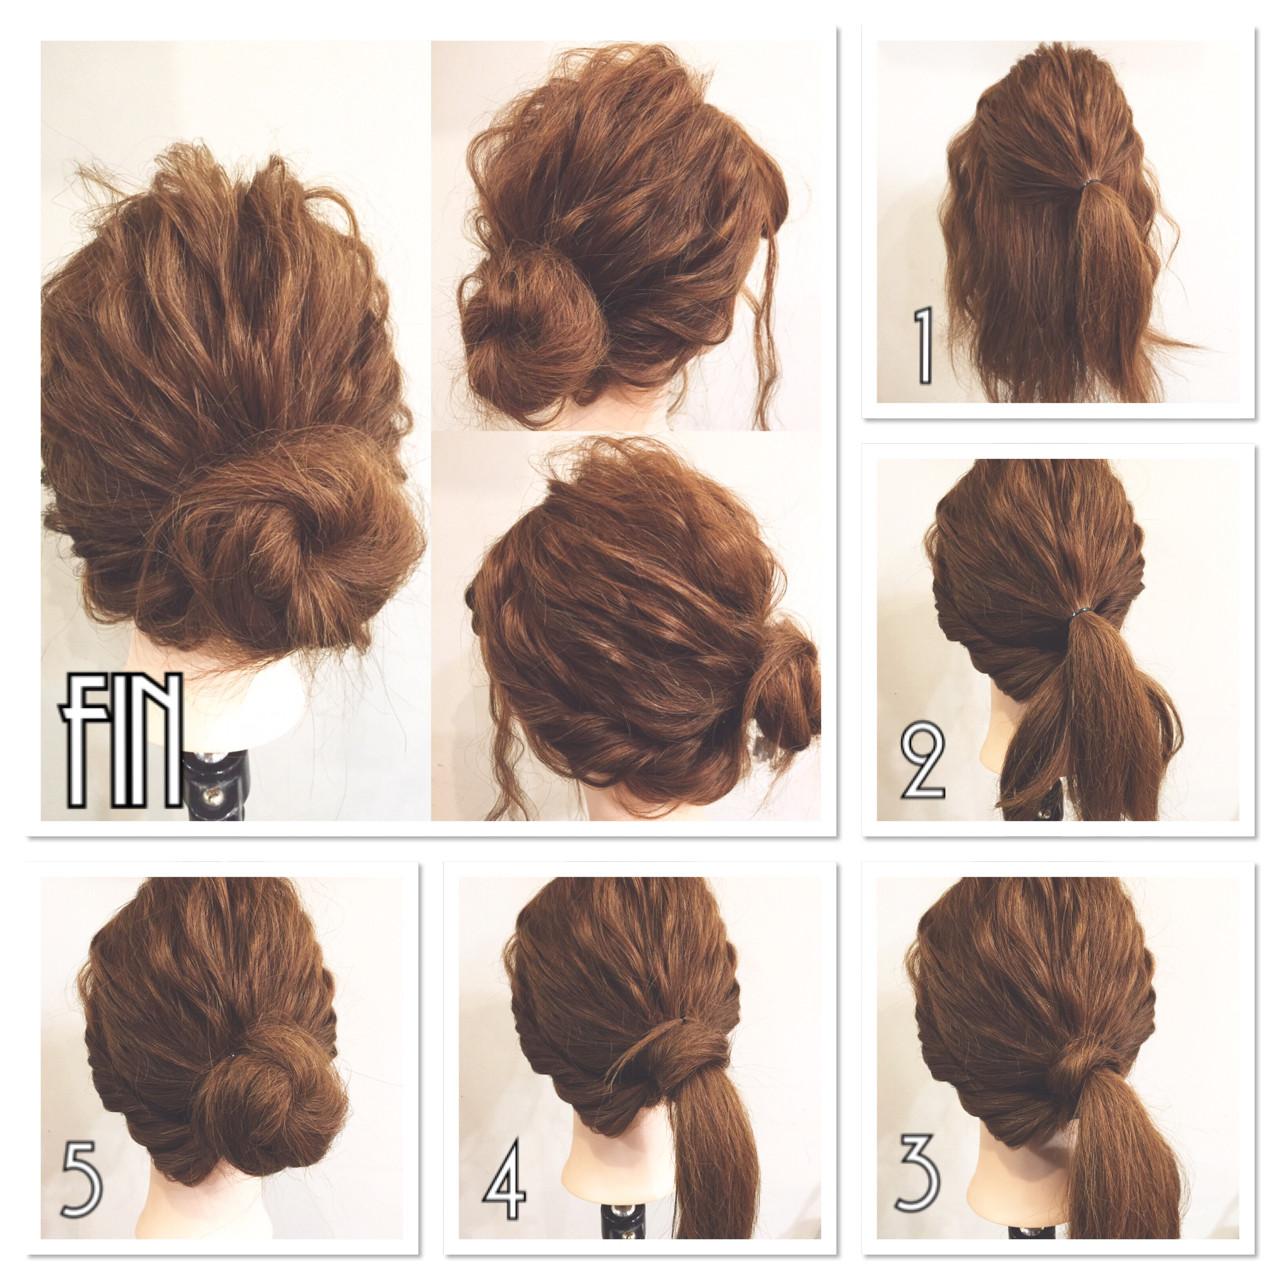 セミロング ゆるふわ 簡単ヘアアレンジ ショート ヘアスタイルや髪型の写真・画像